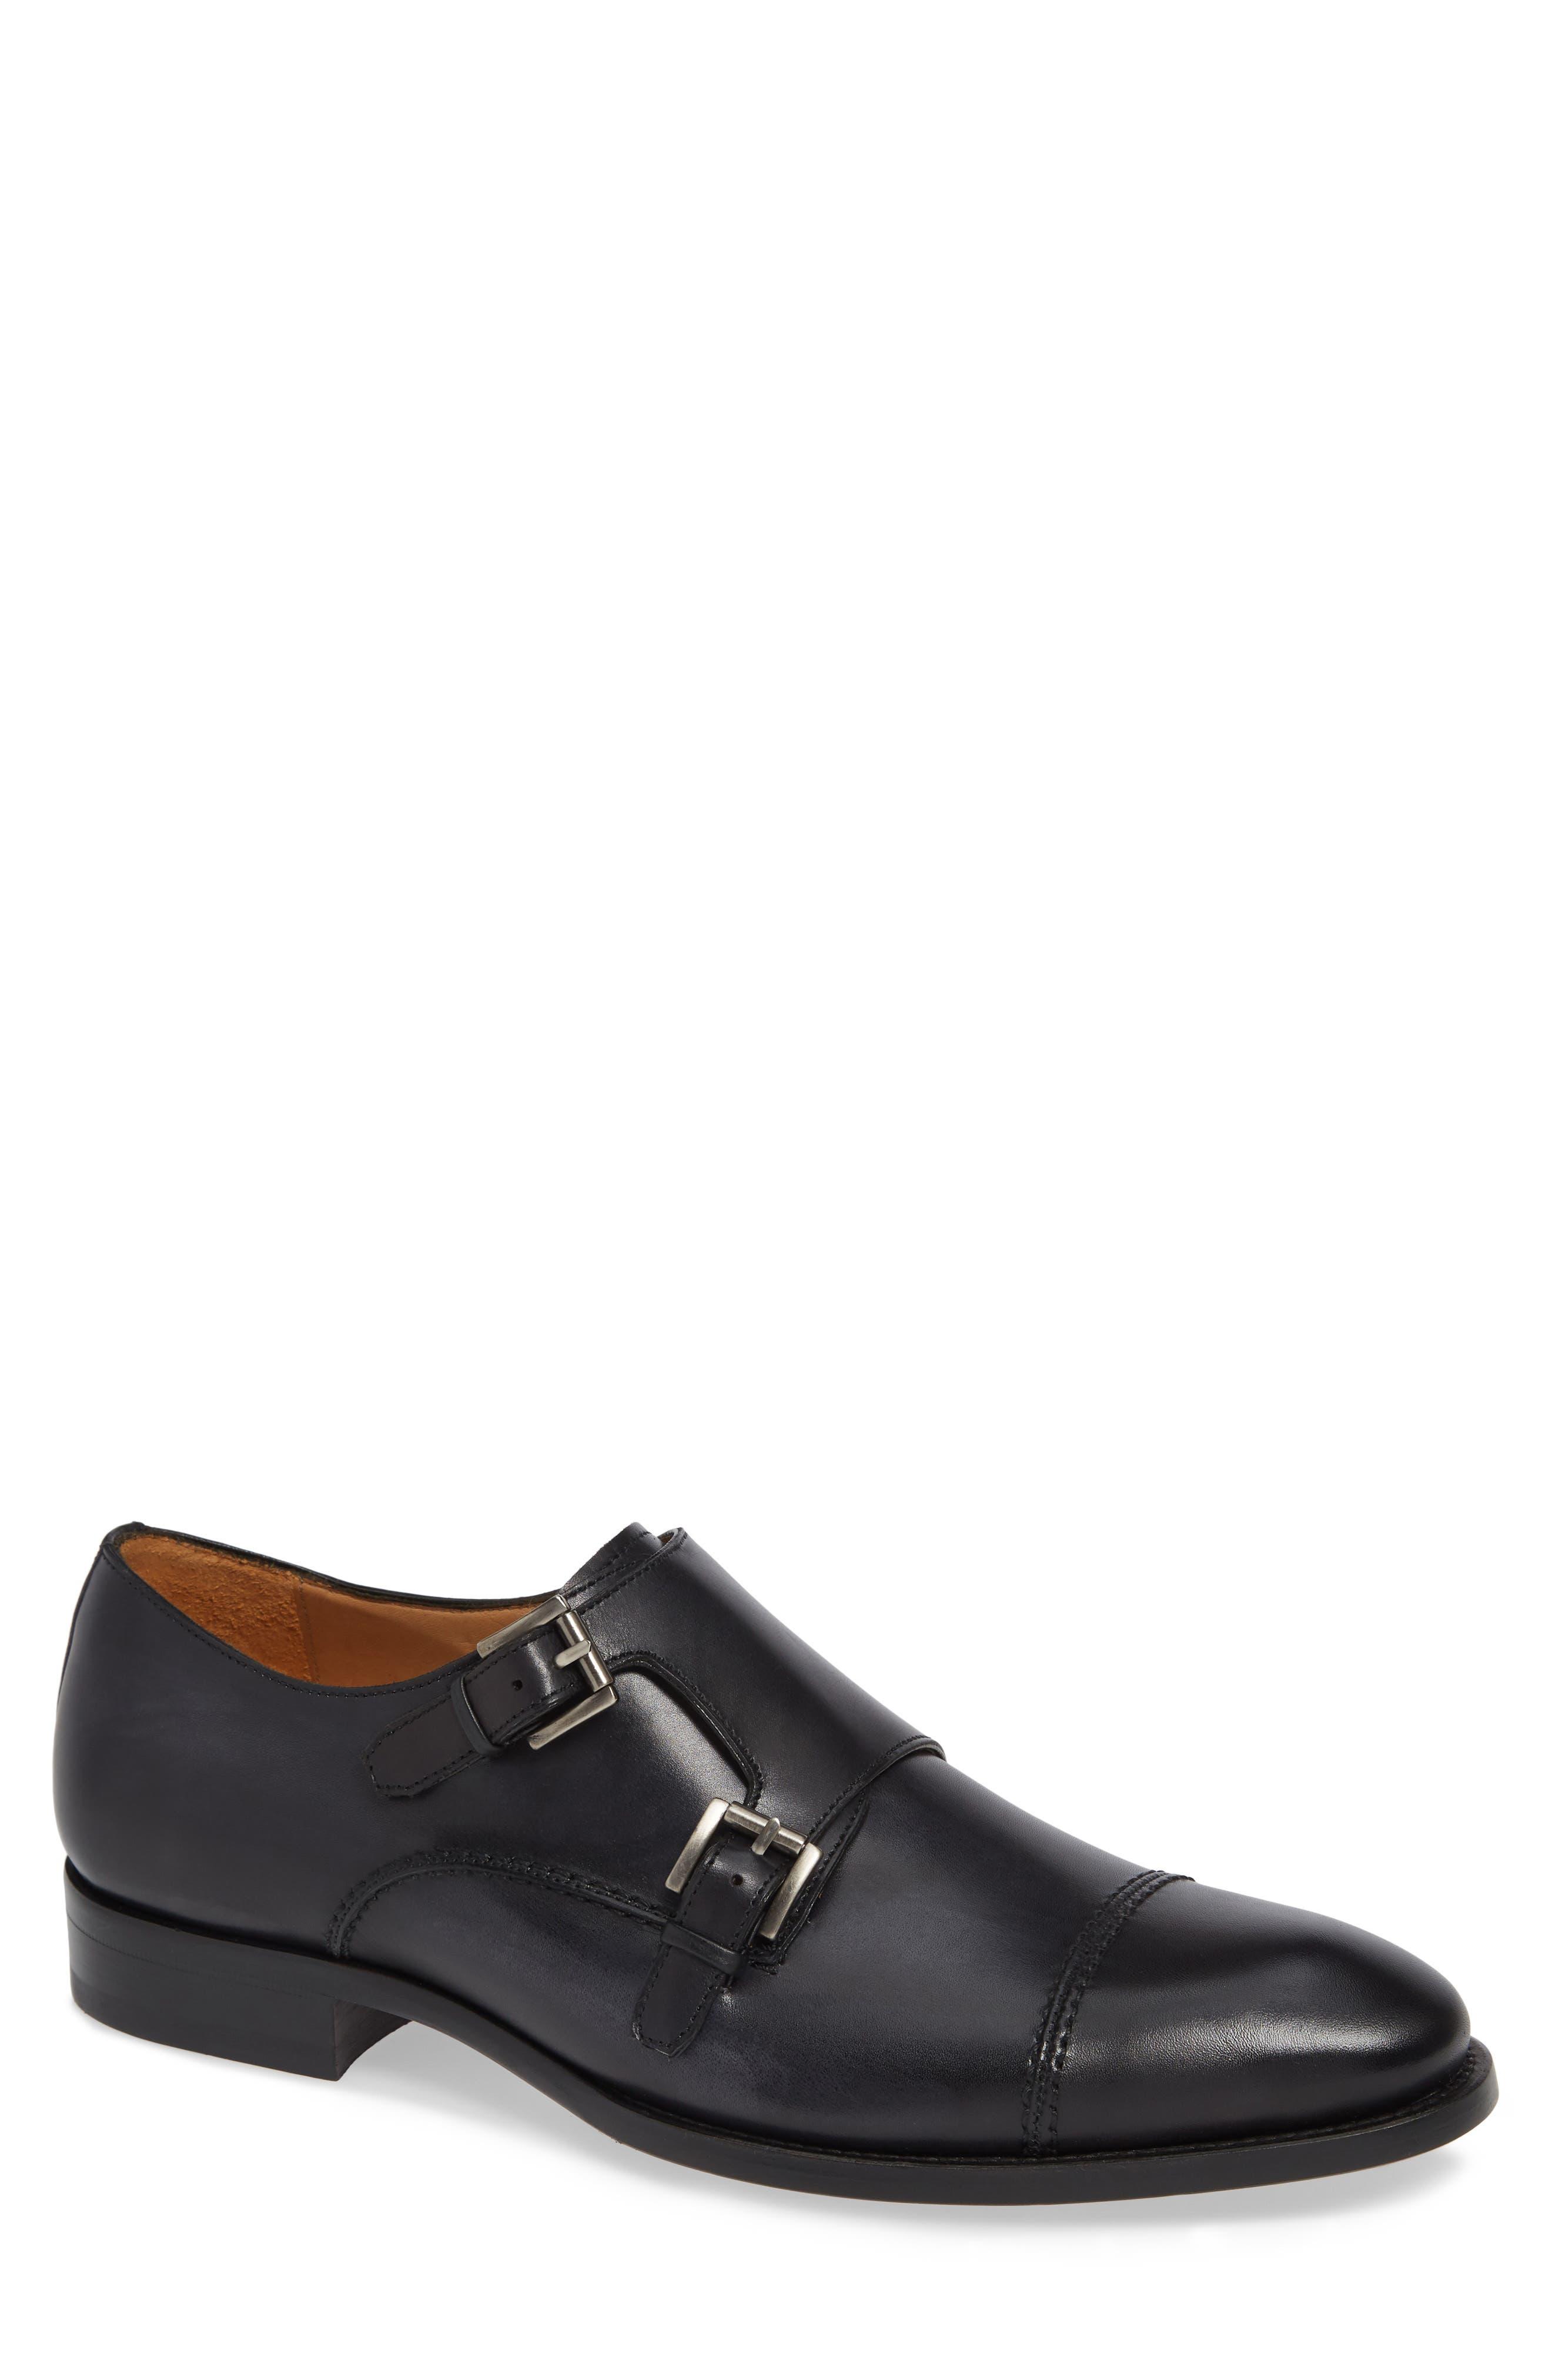 Acosta Double Strap Cap Toe Monk Shoe,                         Main,                         color, BLACK LEATHER